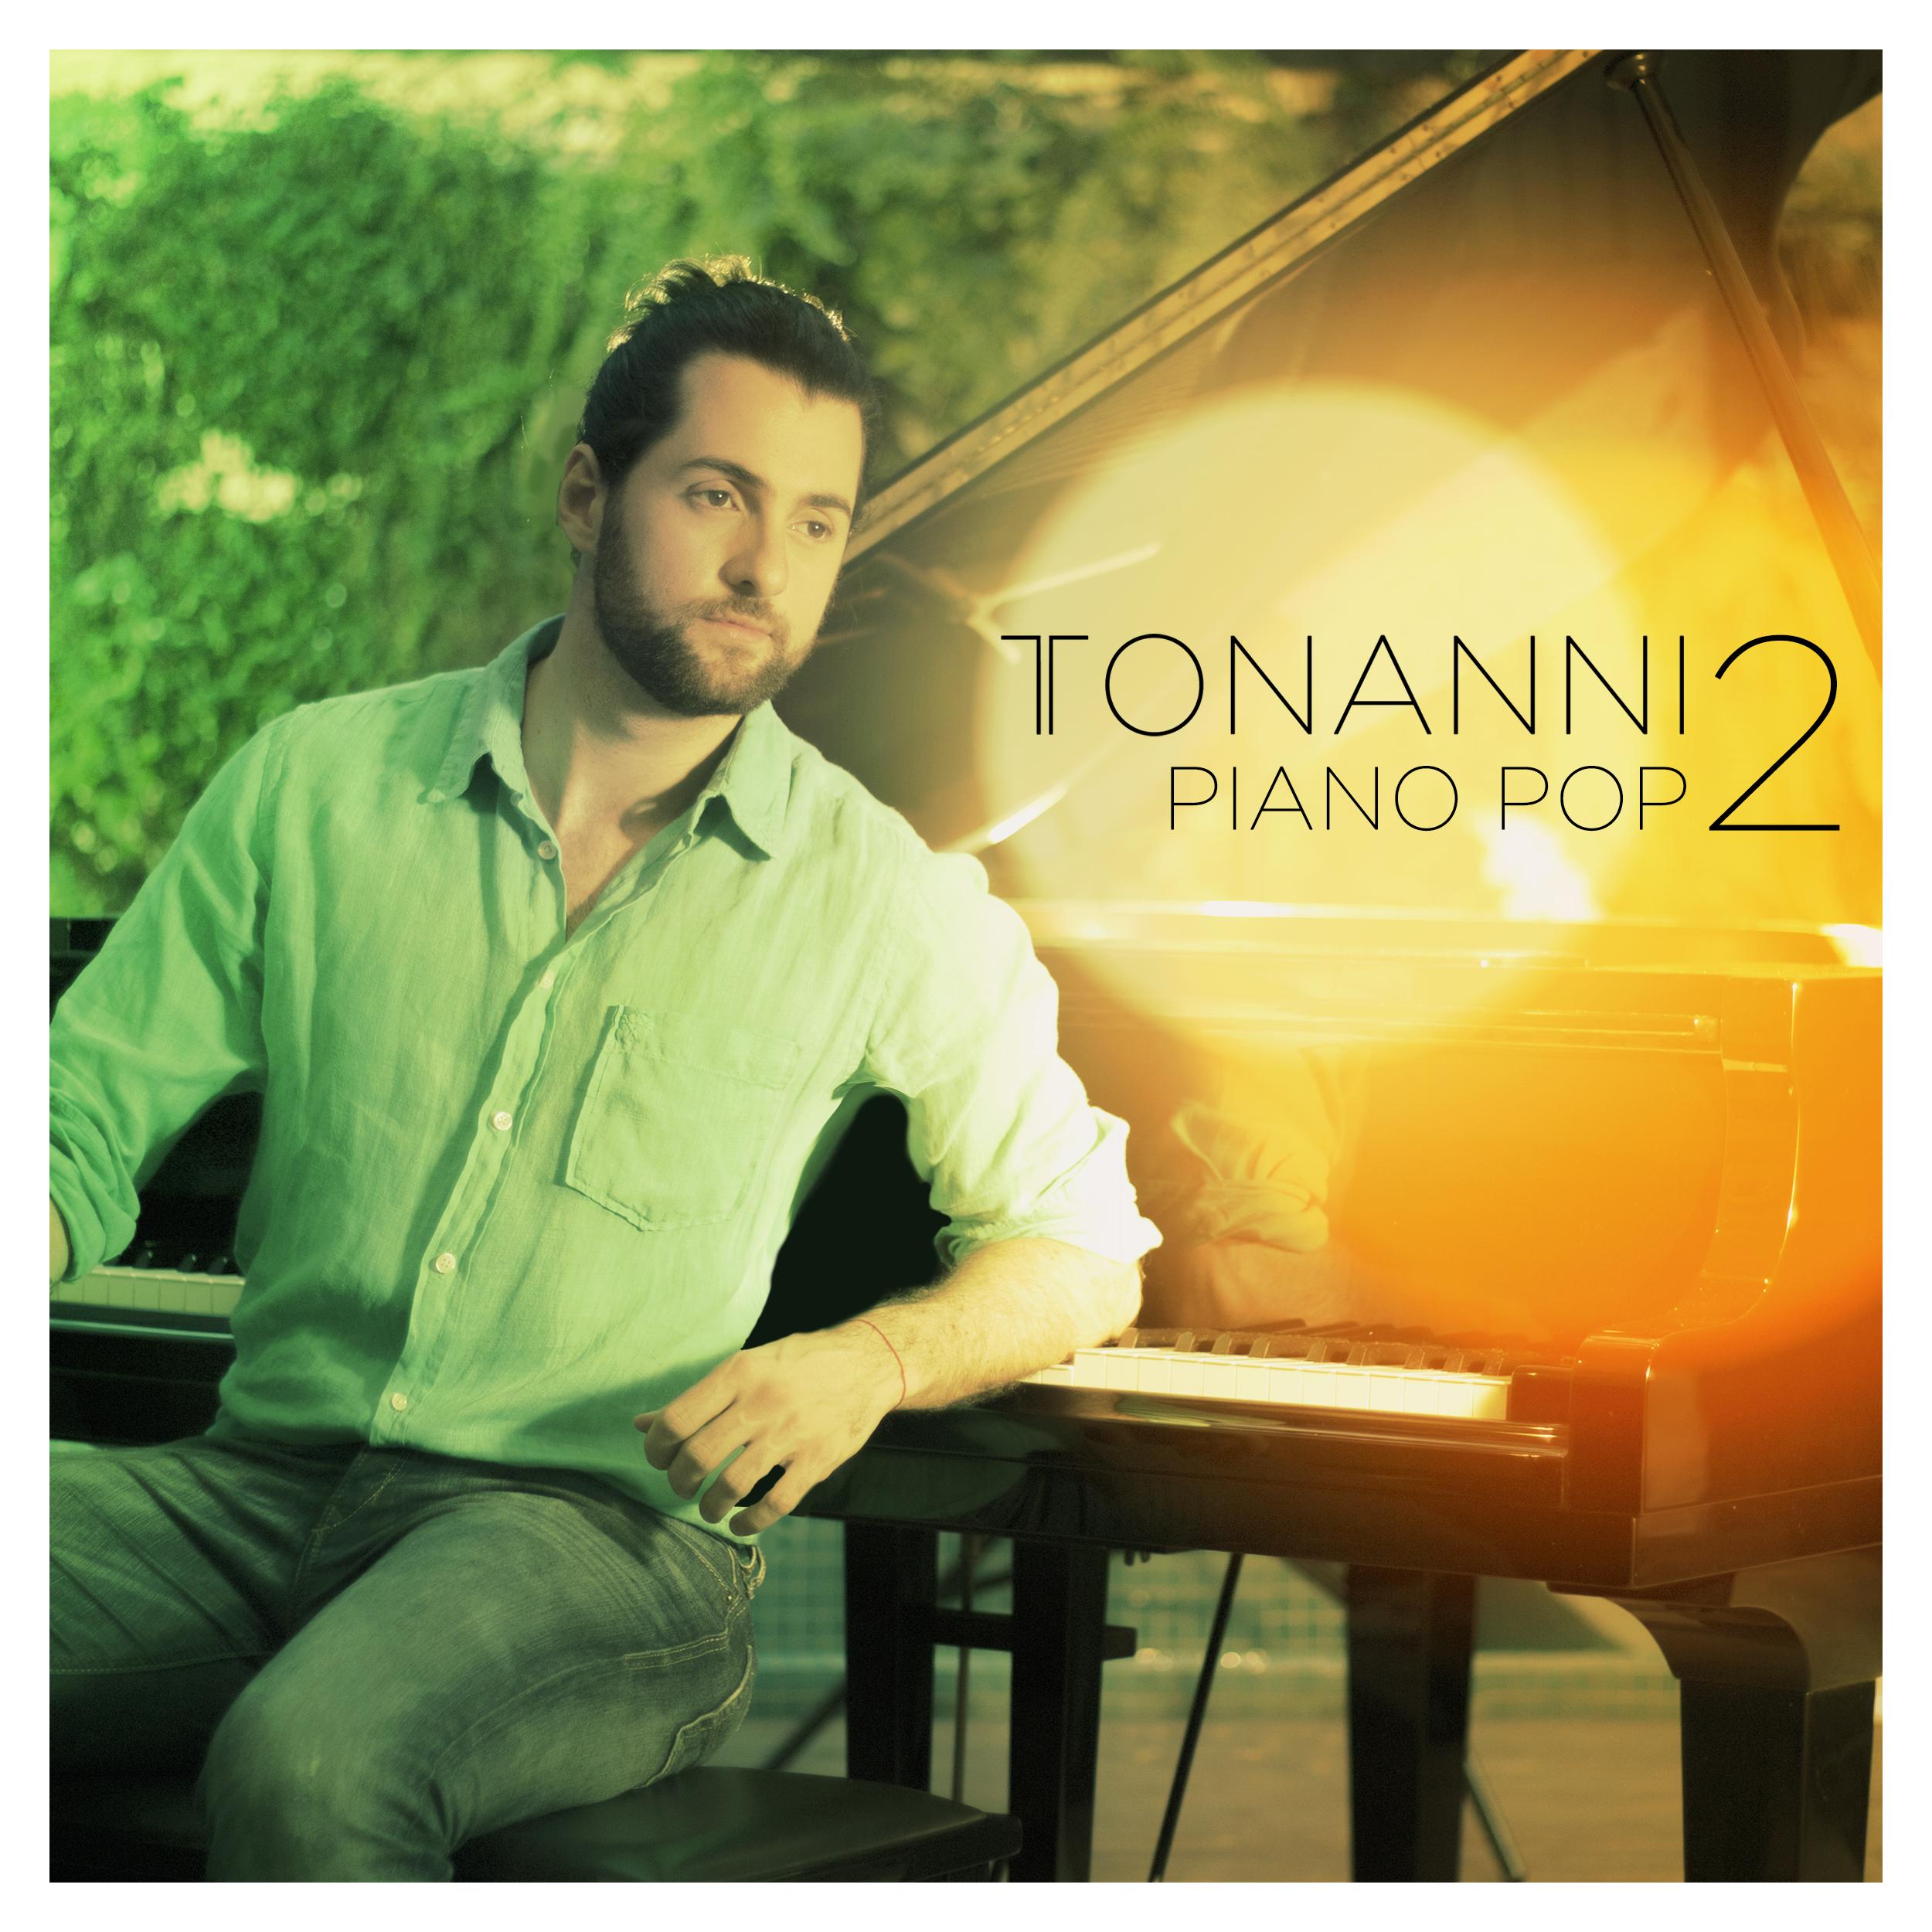 Tonanni_Capa-PianoPop2